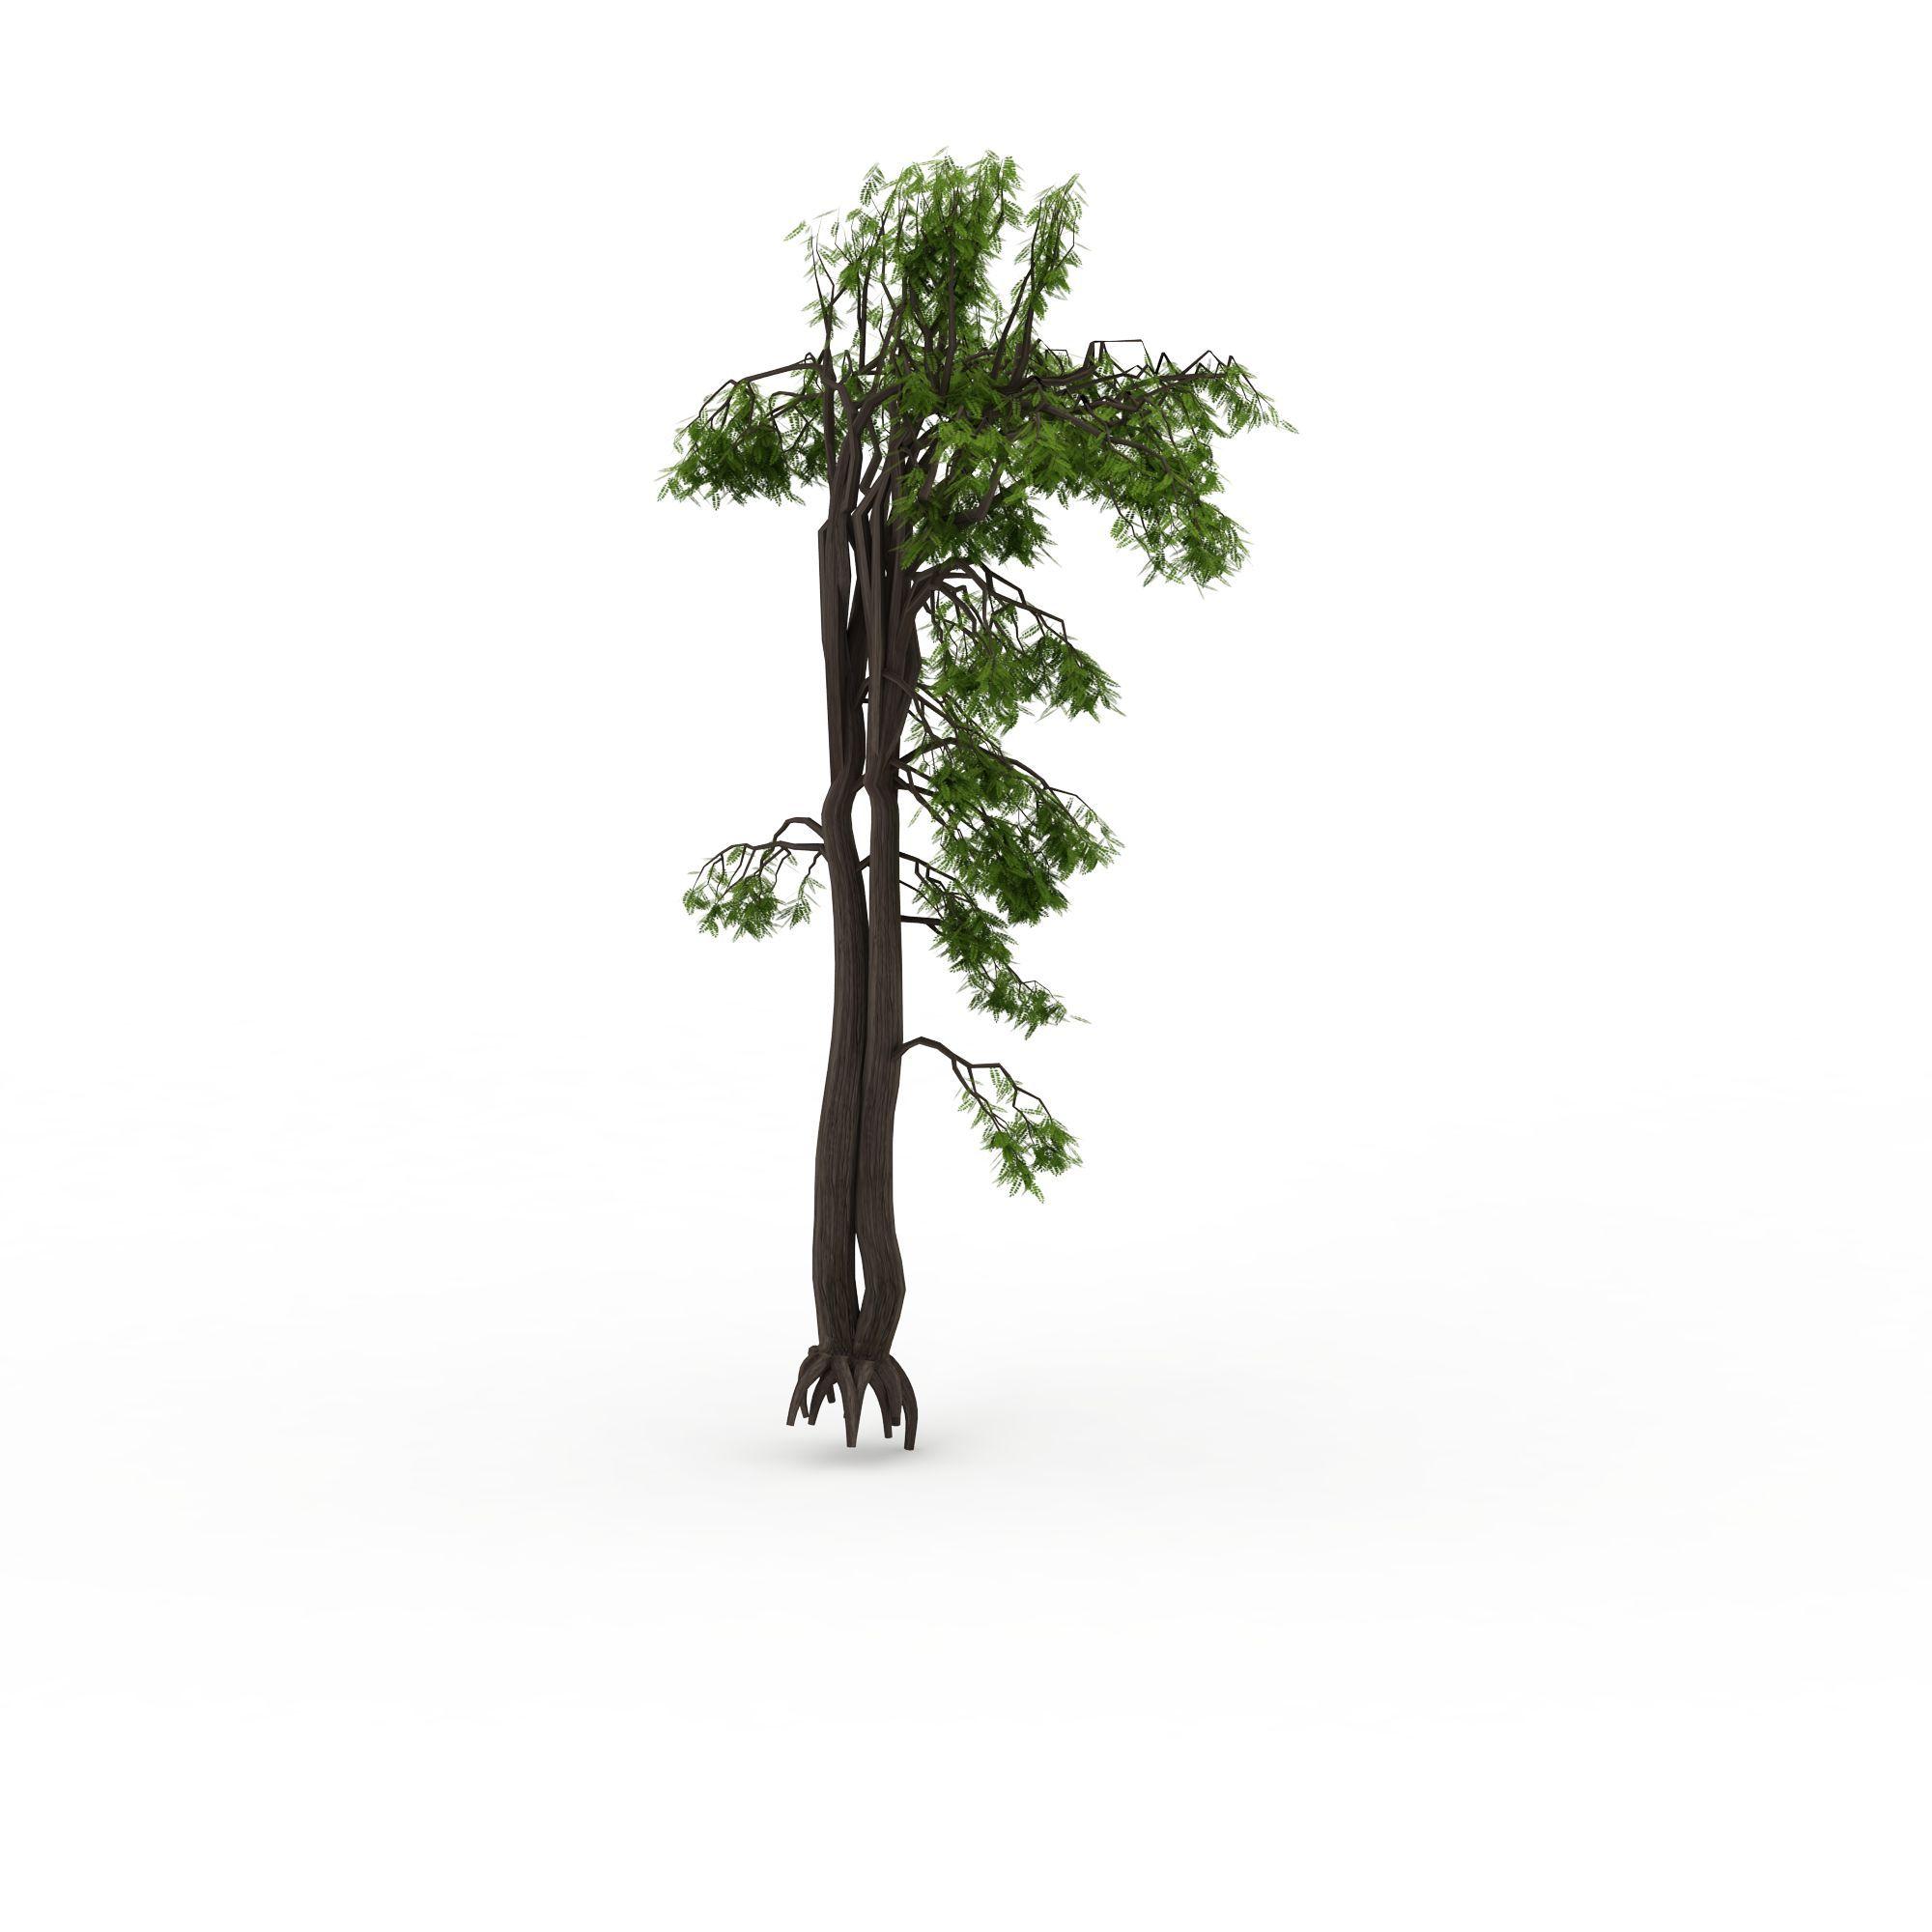 稀有植物高清图下载